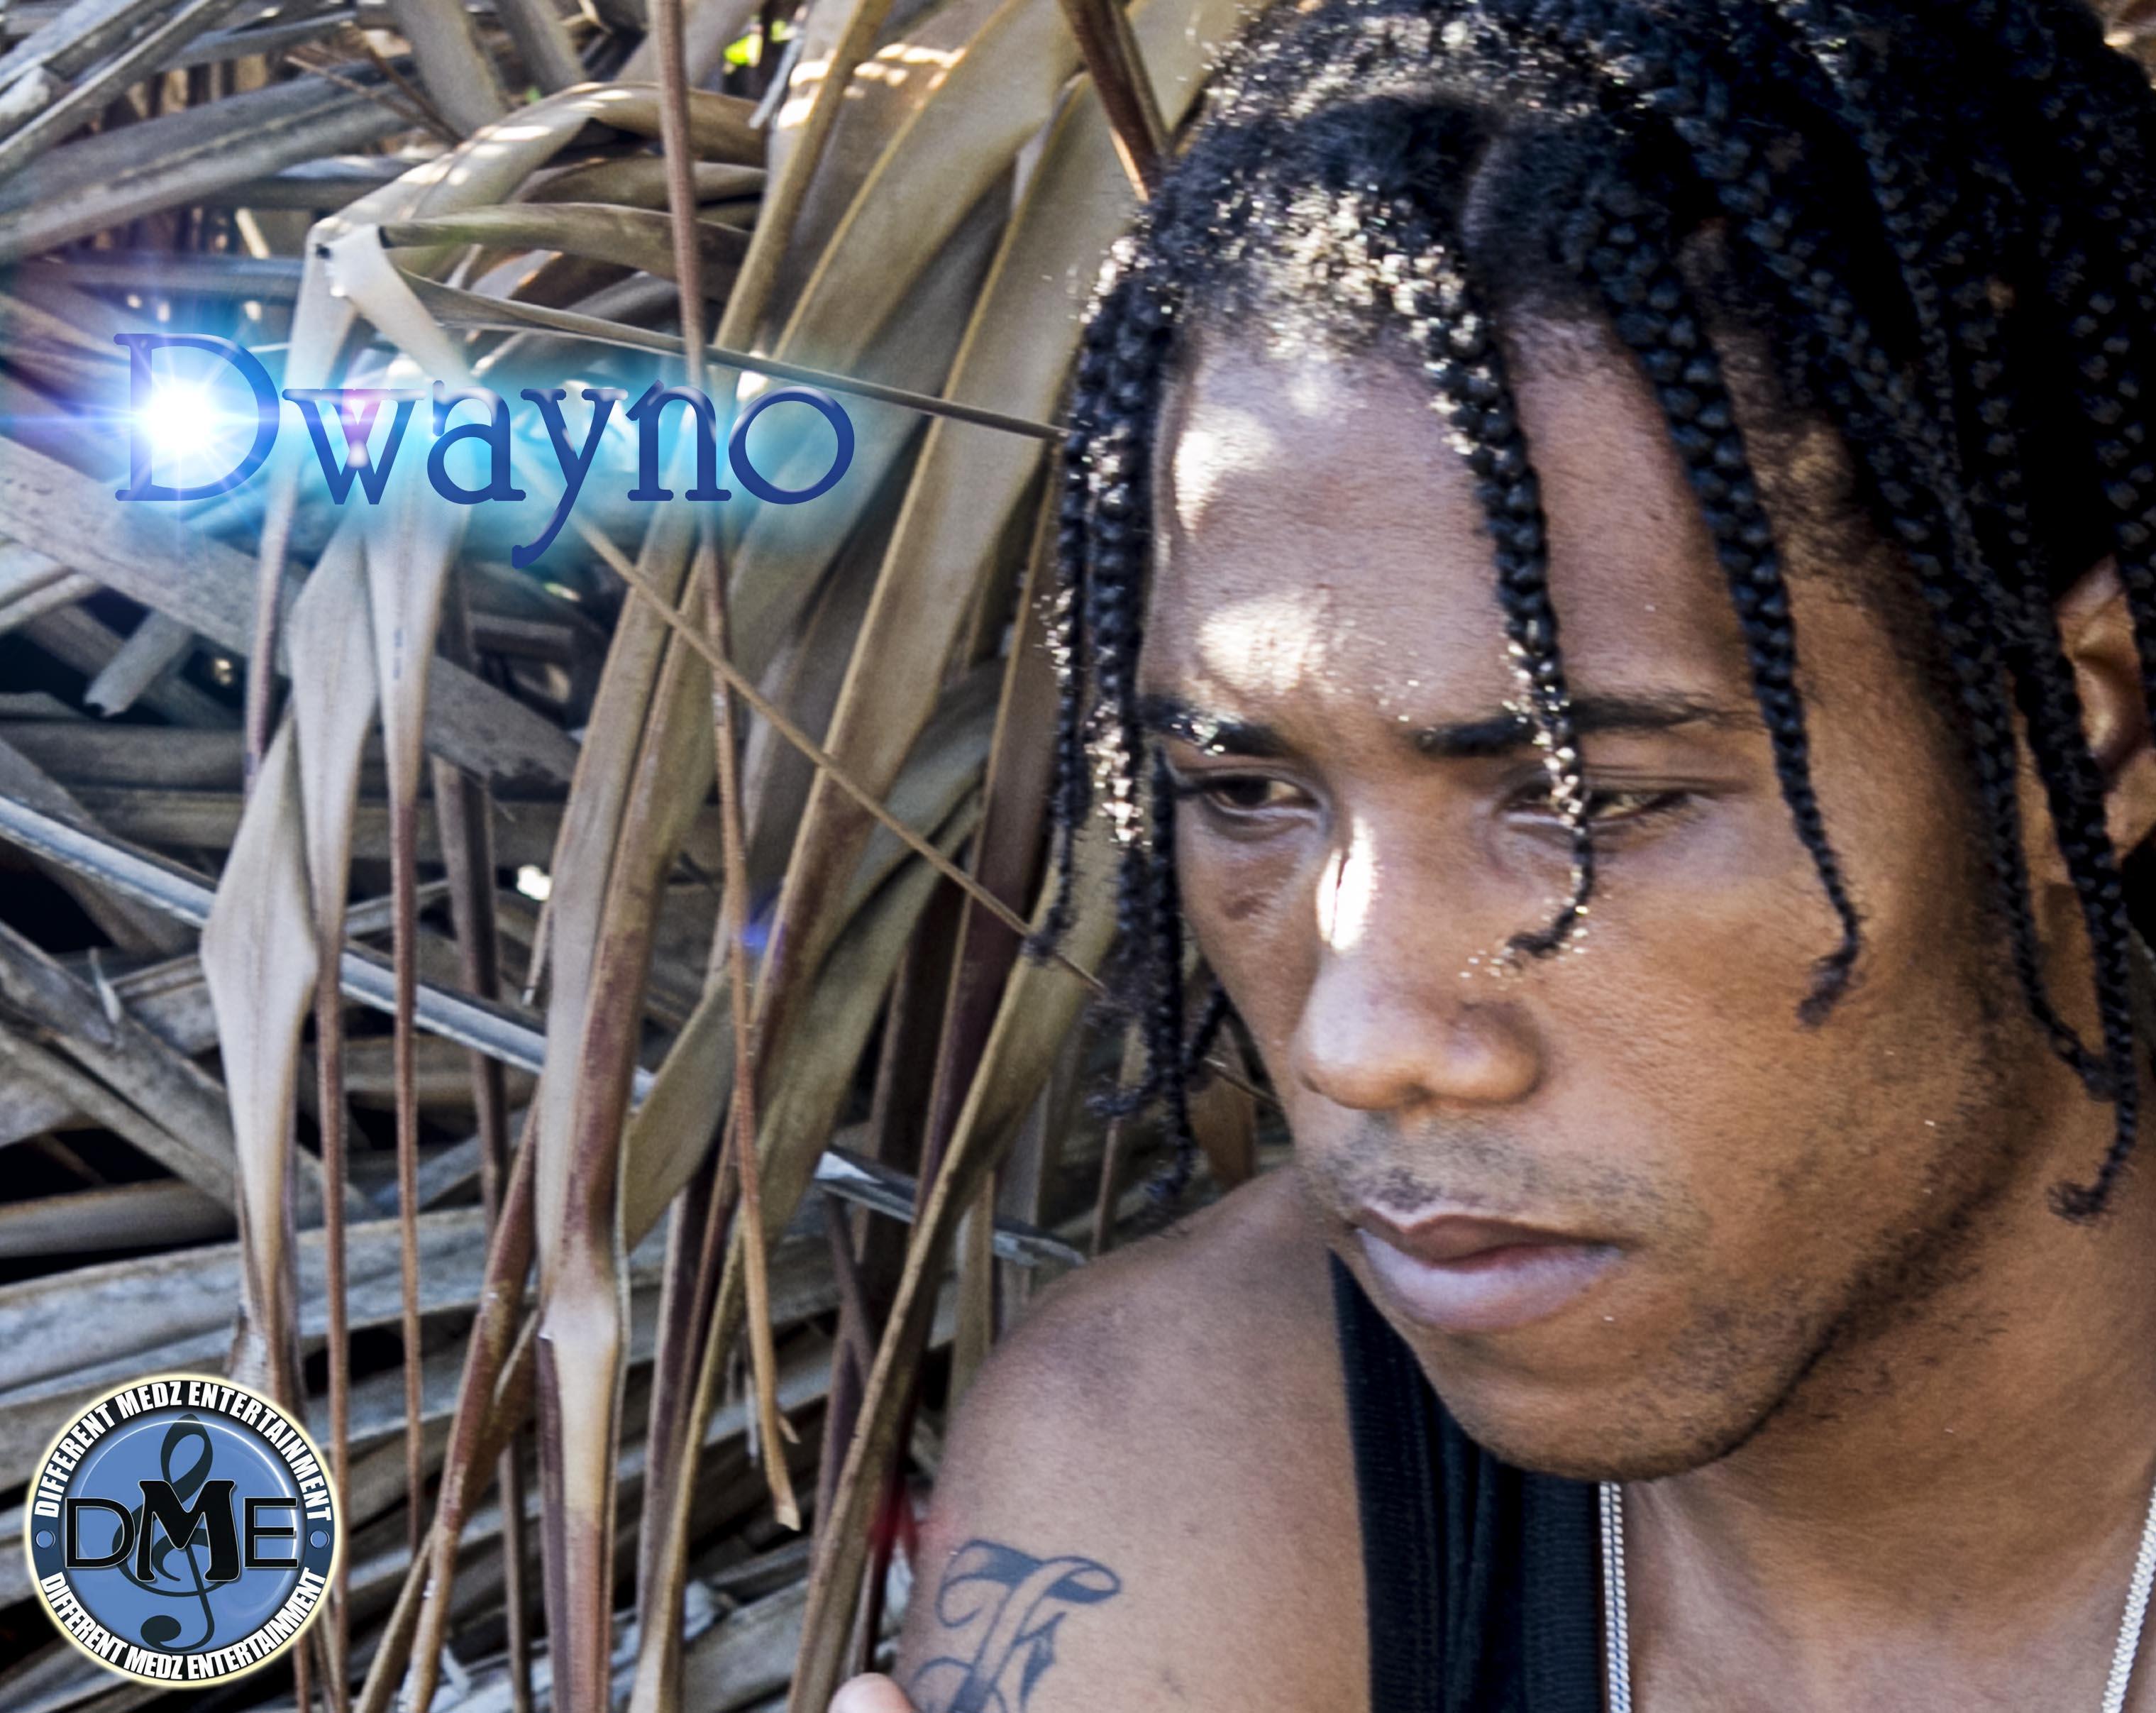 dwayno